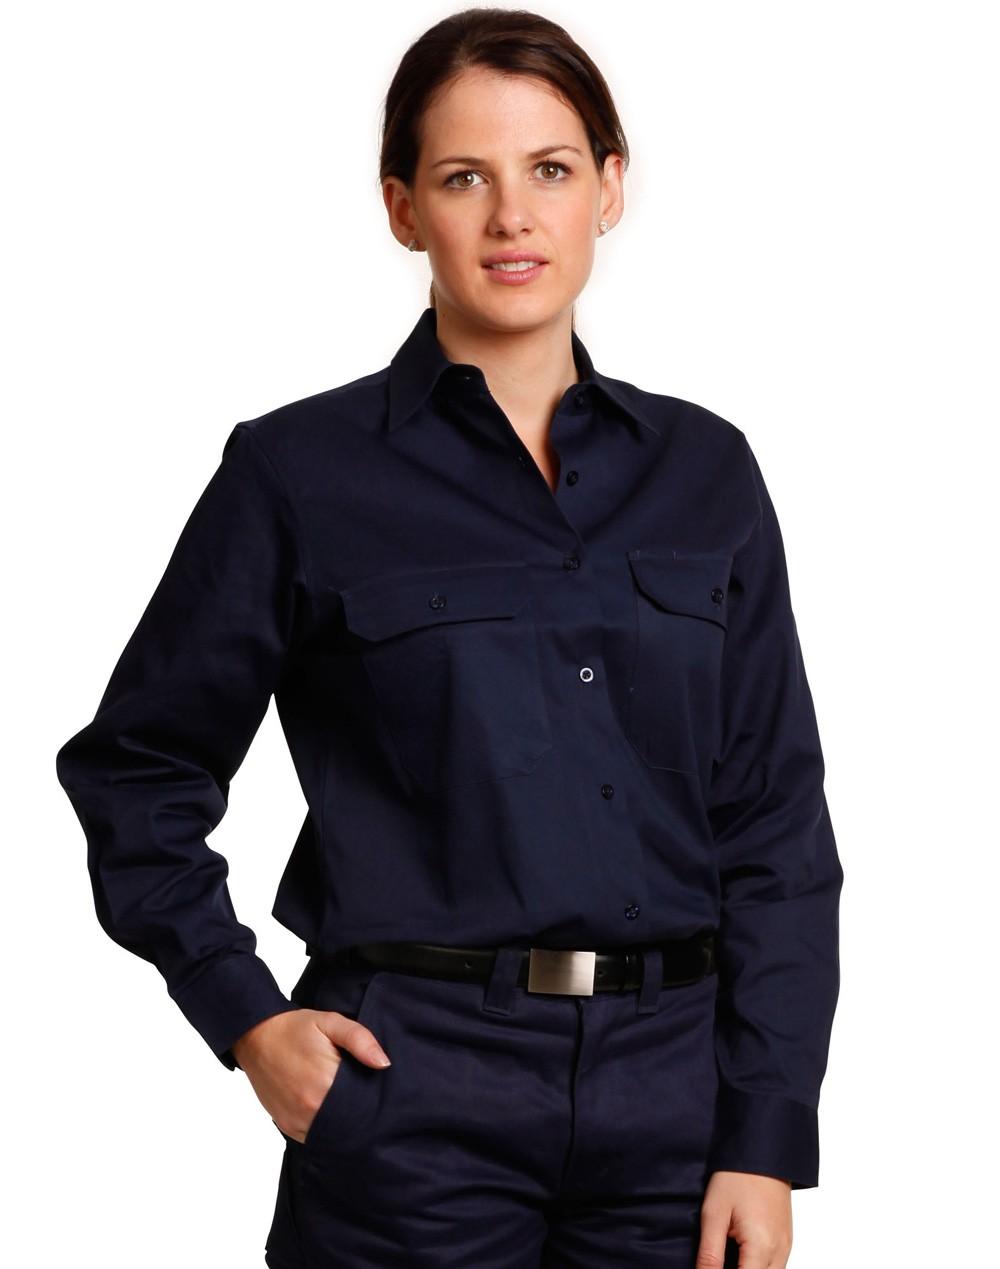 Winning Spirit Women's Cotton Drill Work Shirt